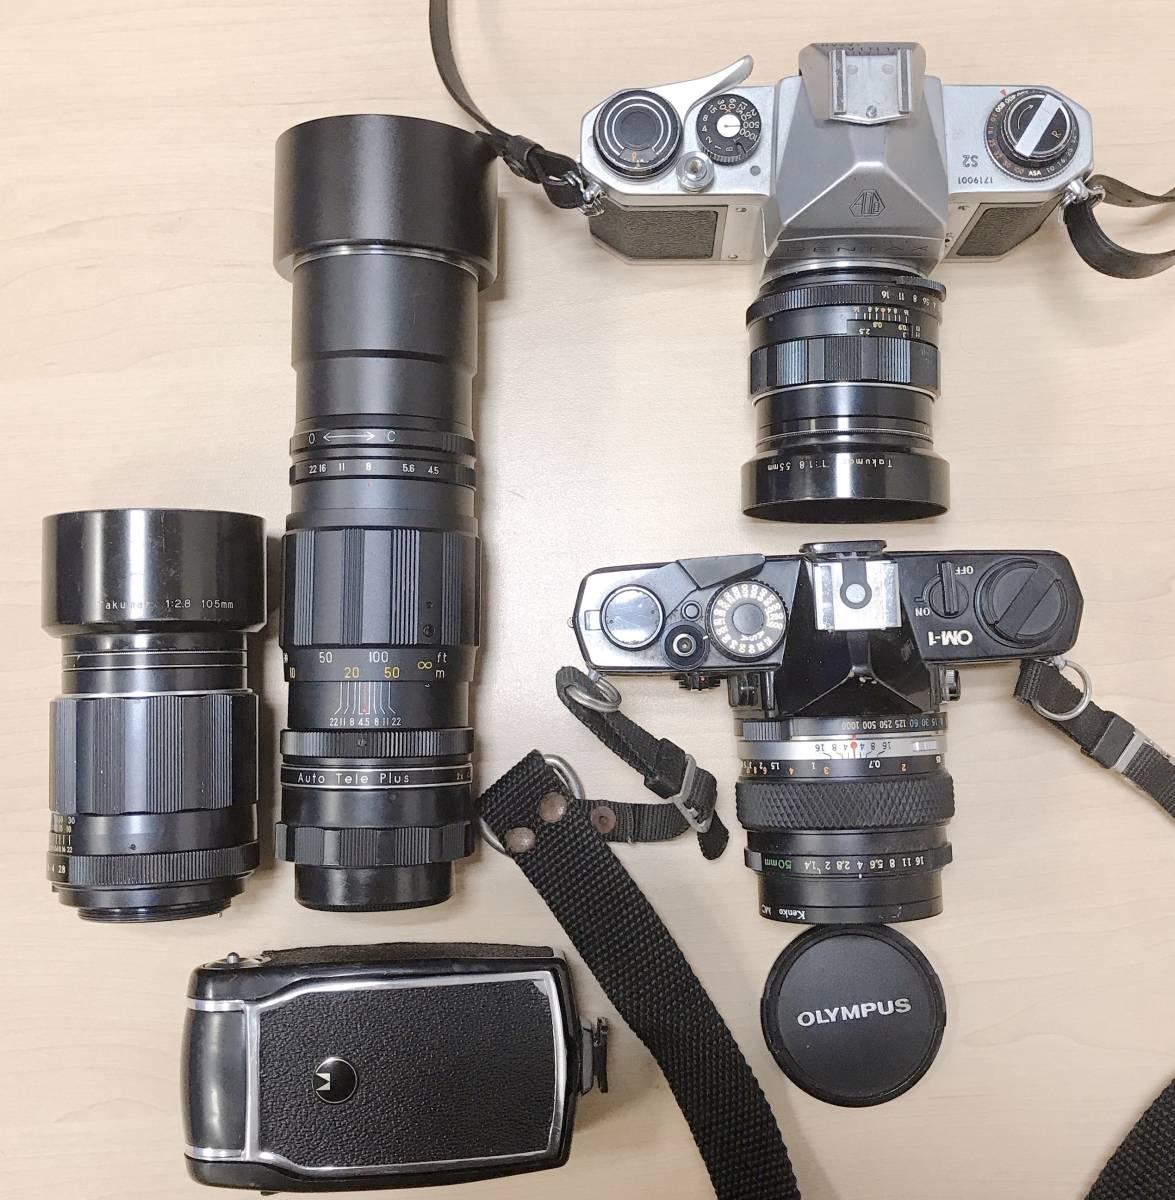 ♪♪【おまとめ】 オリンパス OM-1/ペンタックス S2 フイルム カメラ 望遠 フラッシュ (27436♪♪_画像5